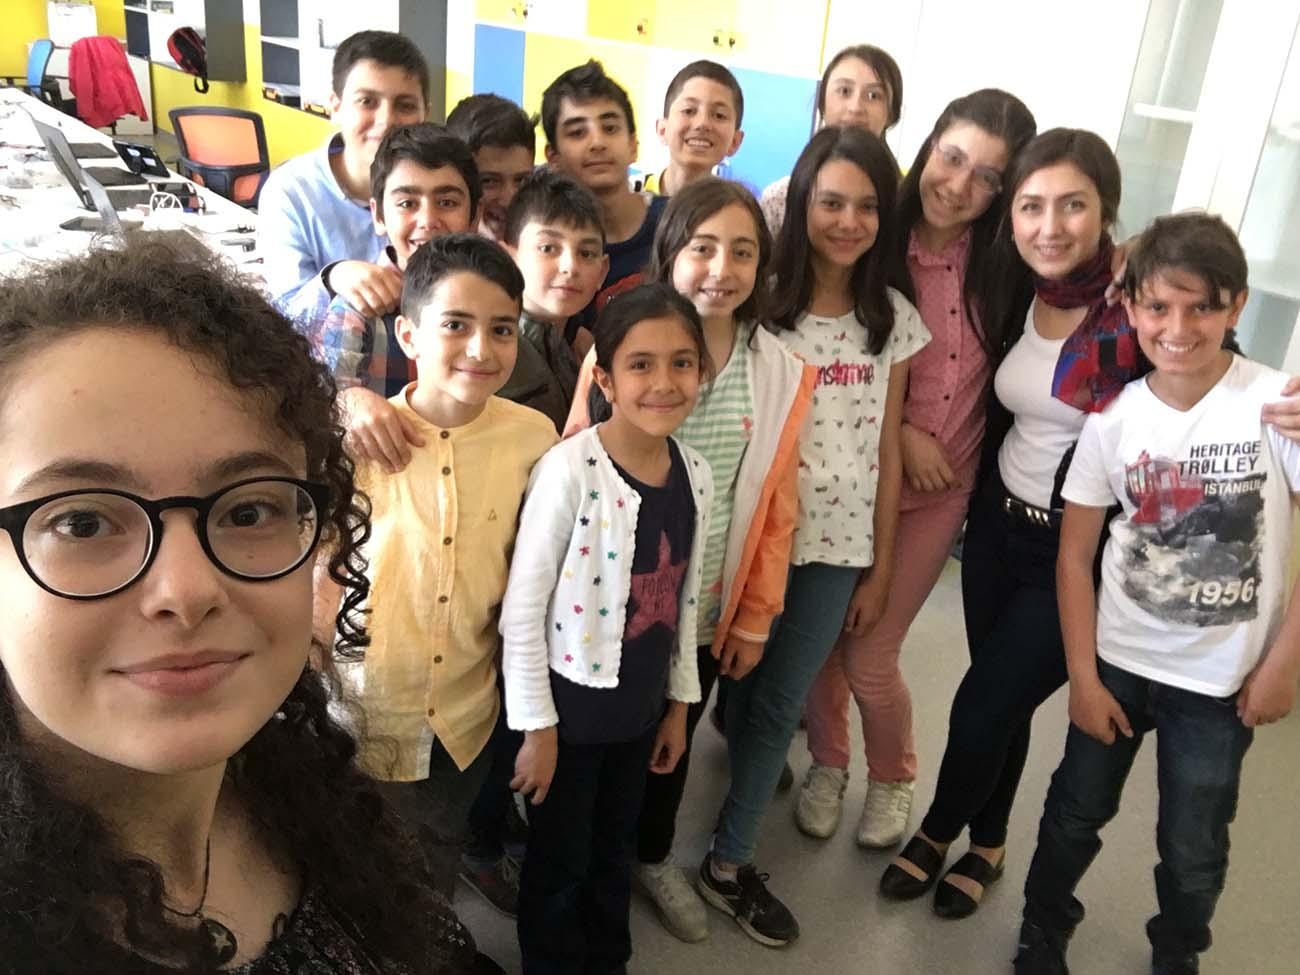 Bahar döneminde hızla devam eden Turkcell Zeka Gücü eğitimlerimizin dönem sonundaki durağı, Erzurum BİLSEM oldu.